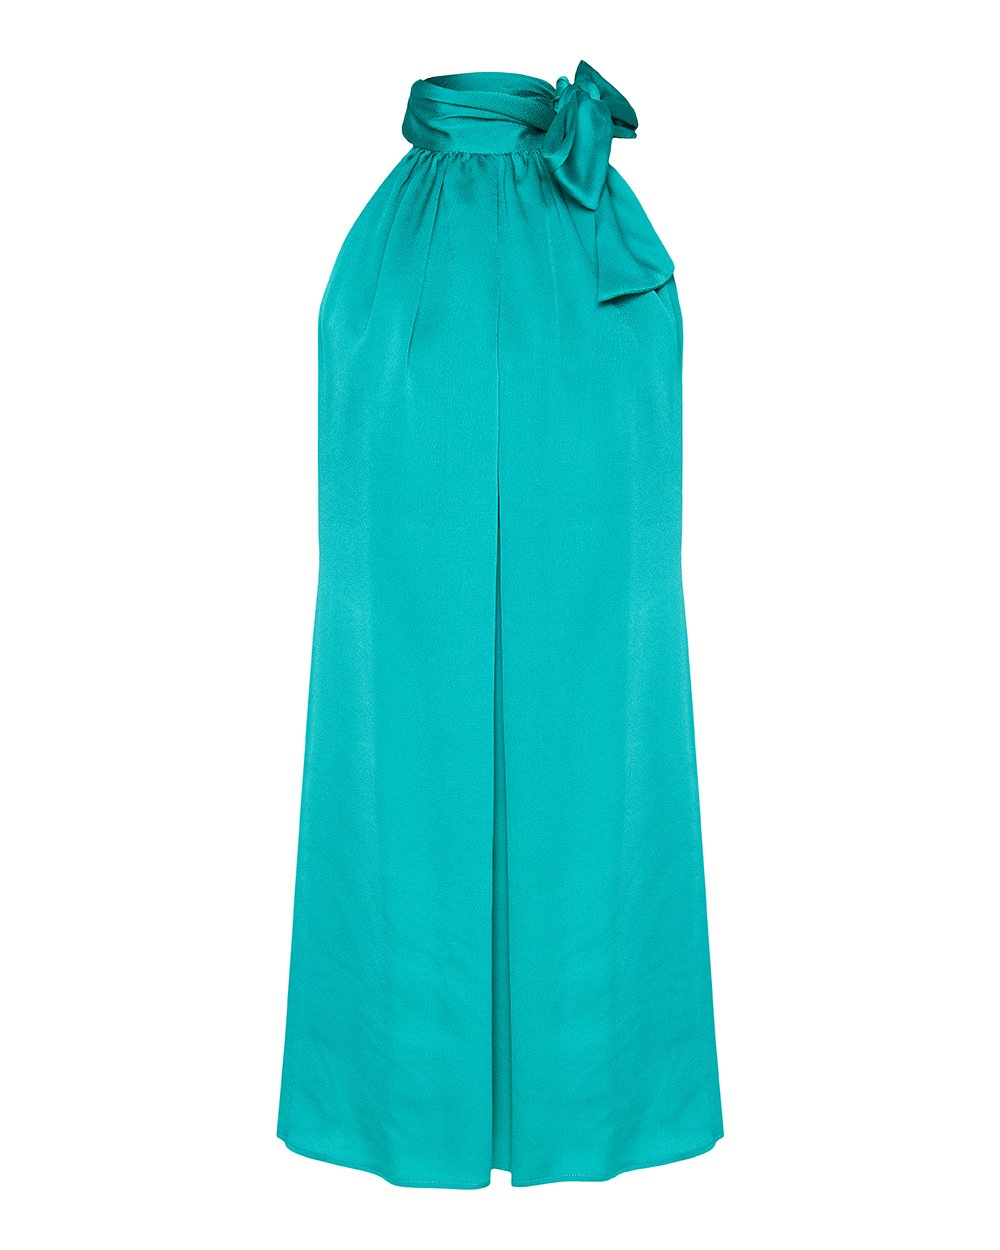 Φόρεμα παρτους ωμους με δέσιμο στο λαιμό